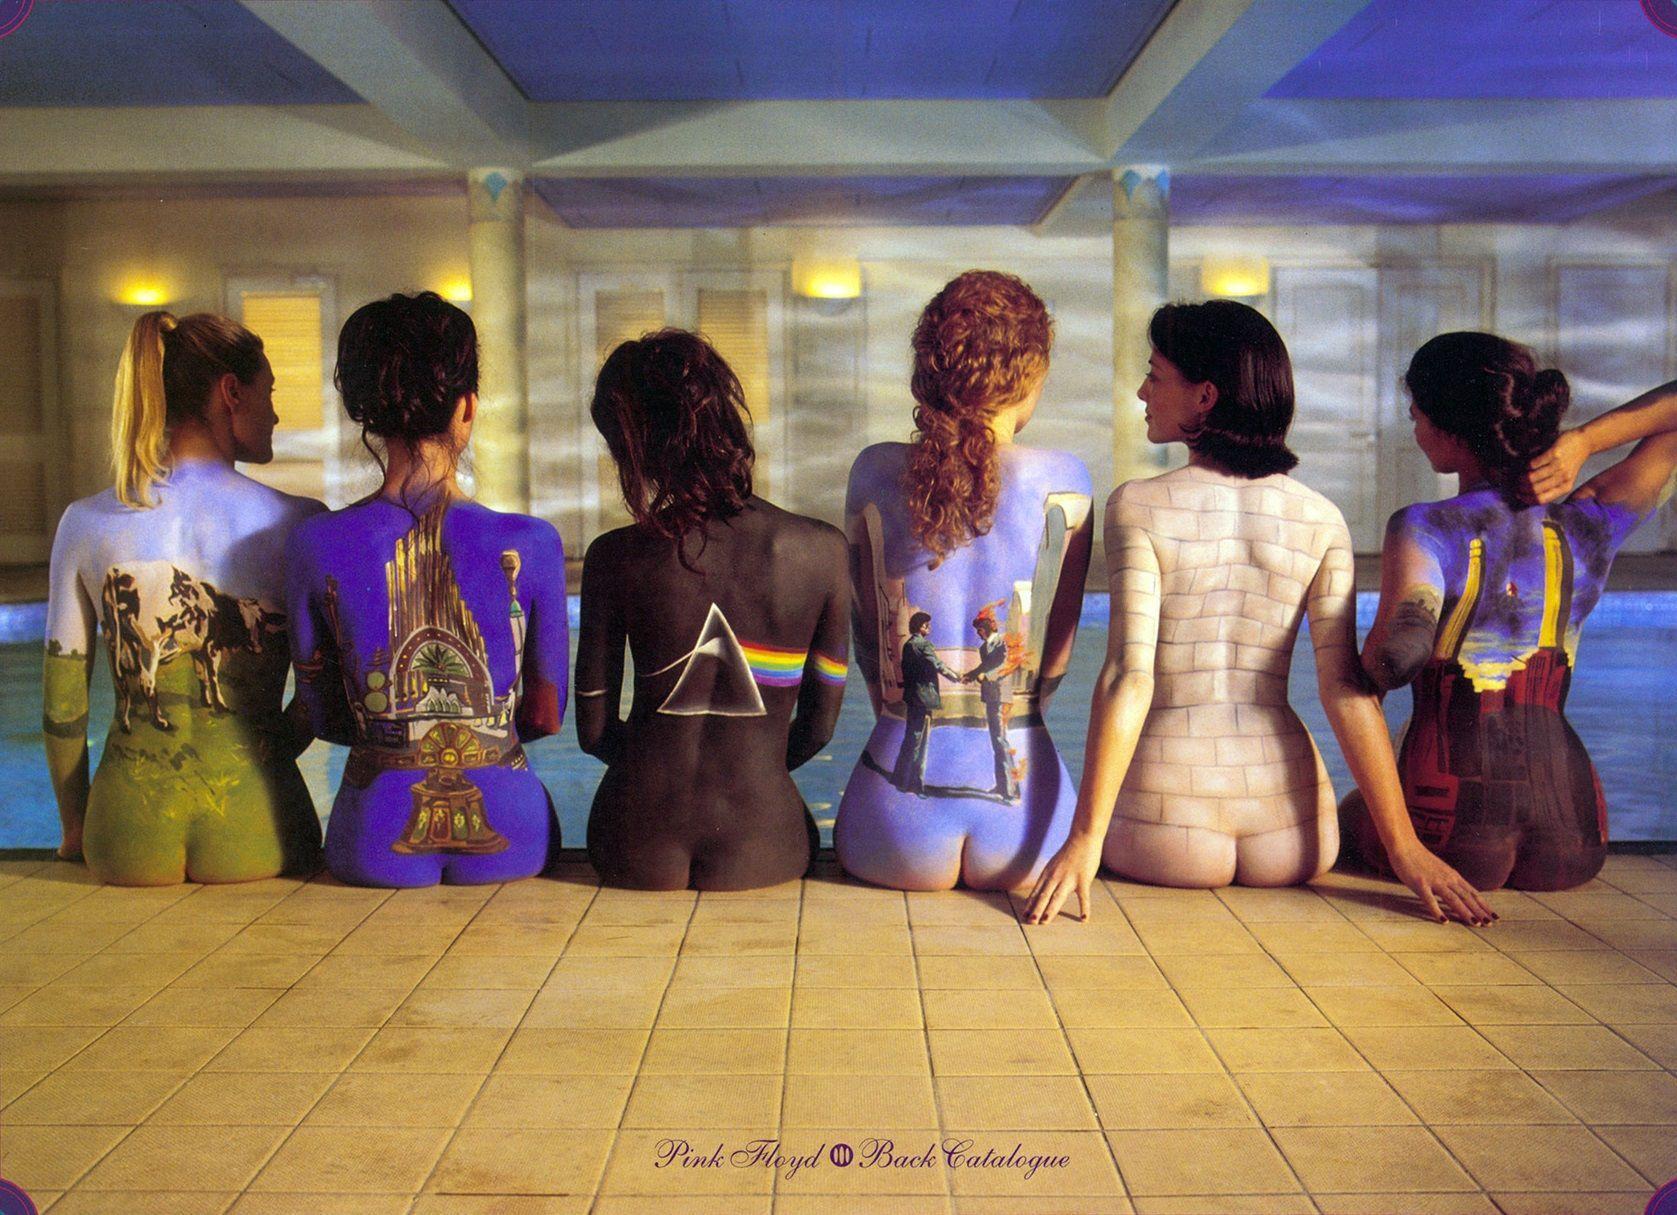 13804 - ¿Serías capaz de reconocer las portadas de los álbumes/singles de Pink Floyd? [Experto]